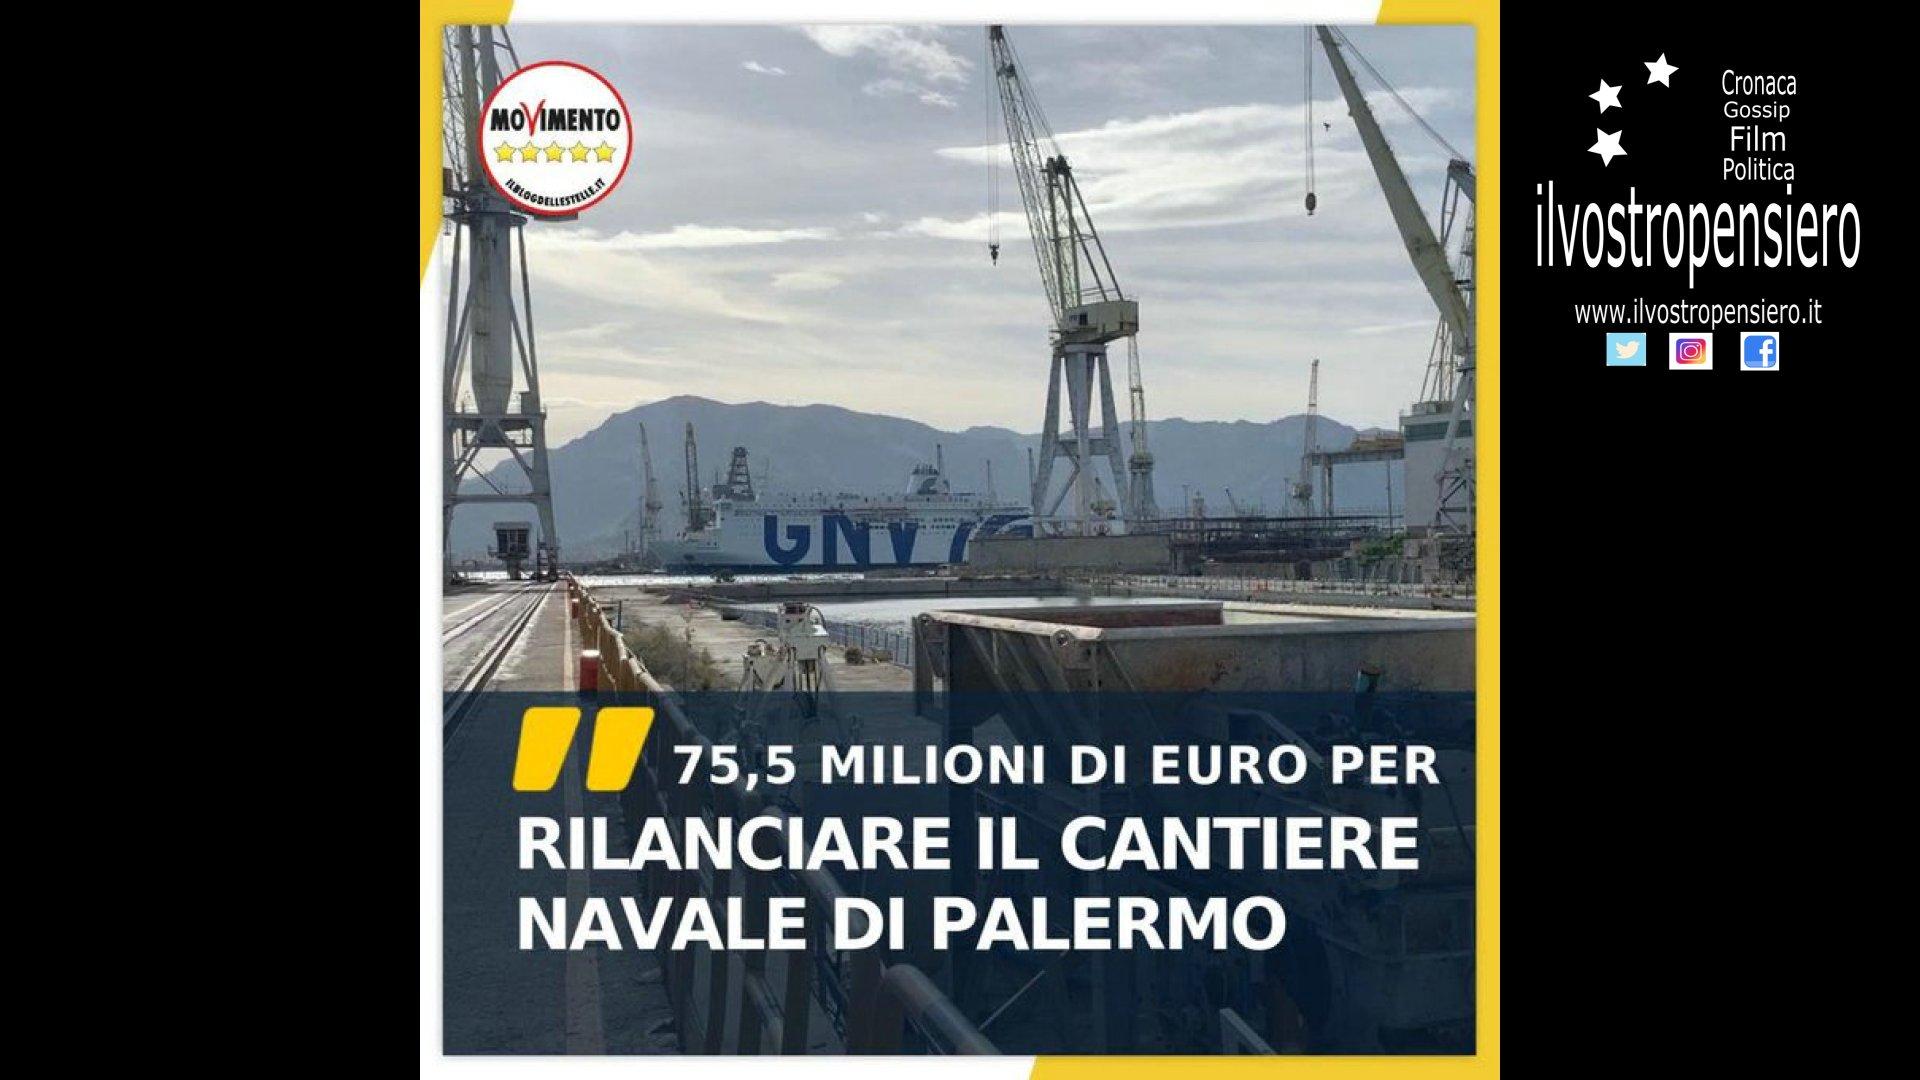 Movimento 5 stelle: 75,5 milioni di euro per rilanciare il Cantiere navale di Palermo